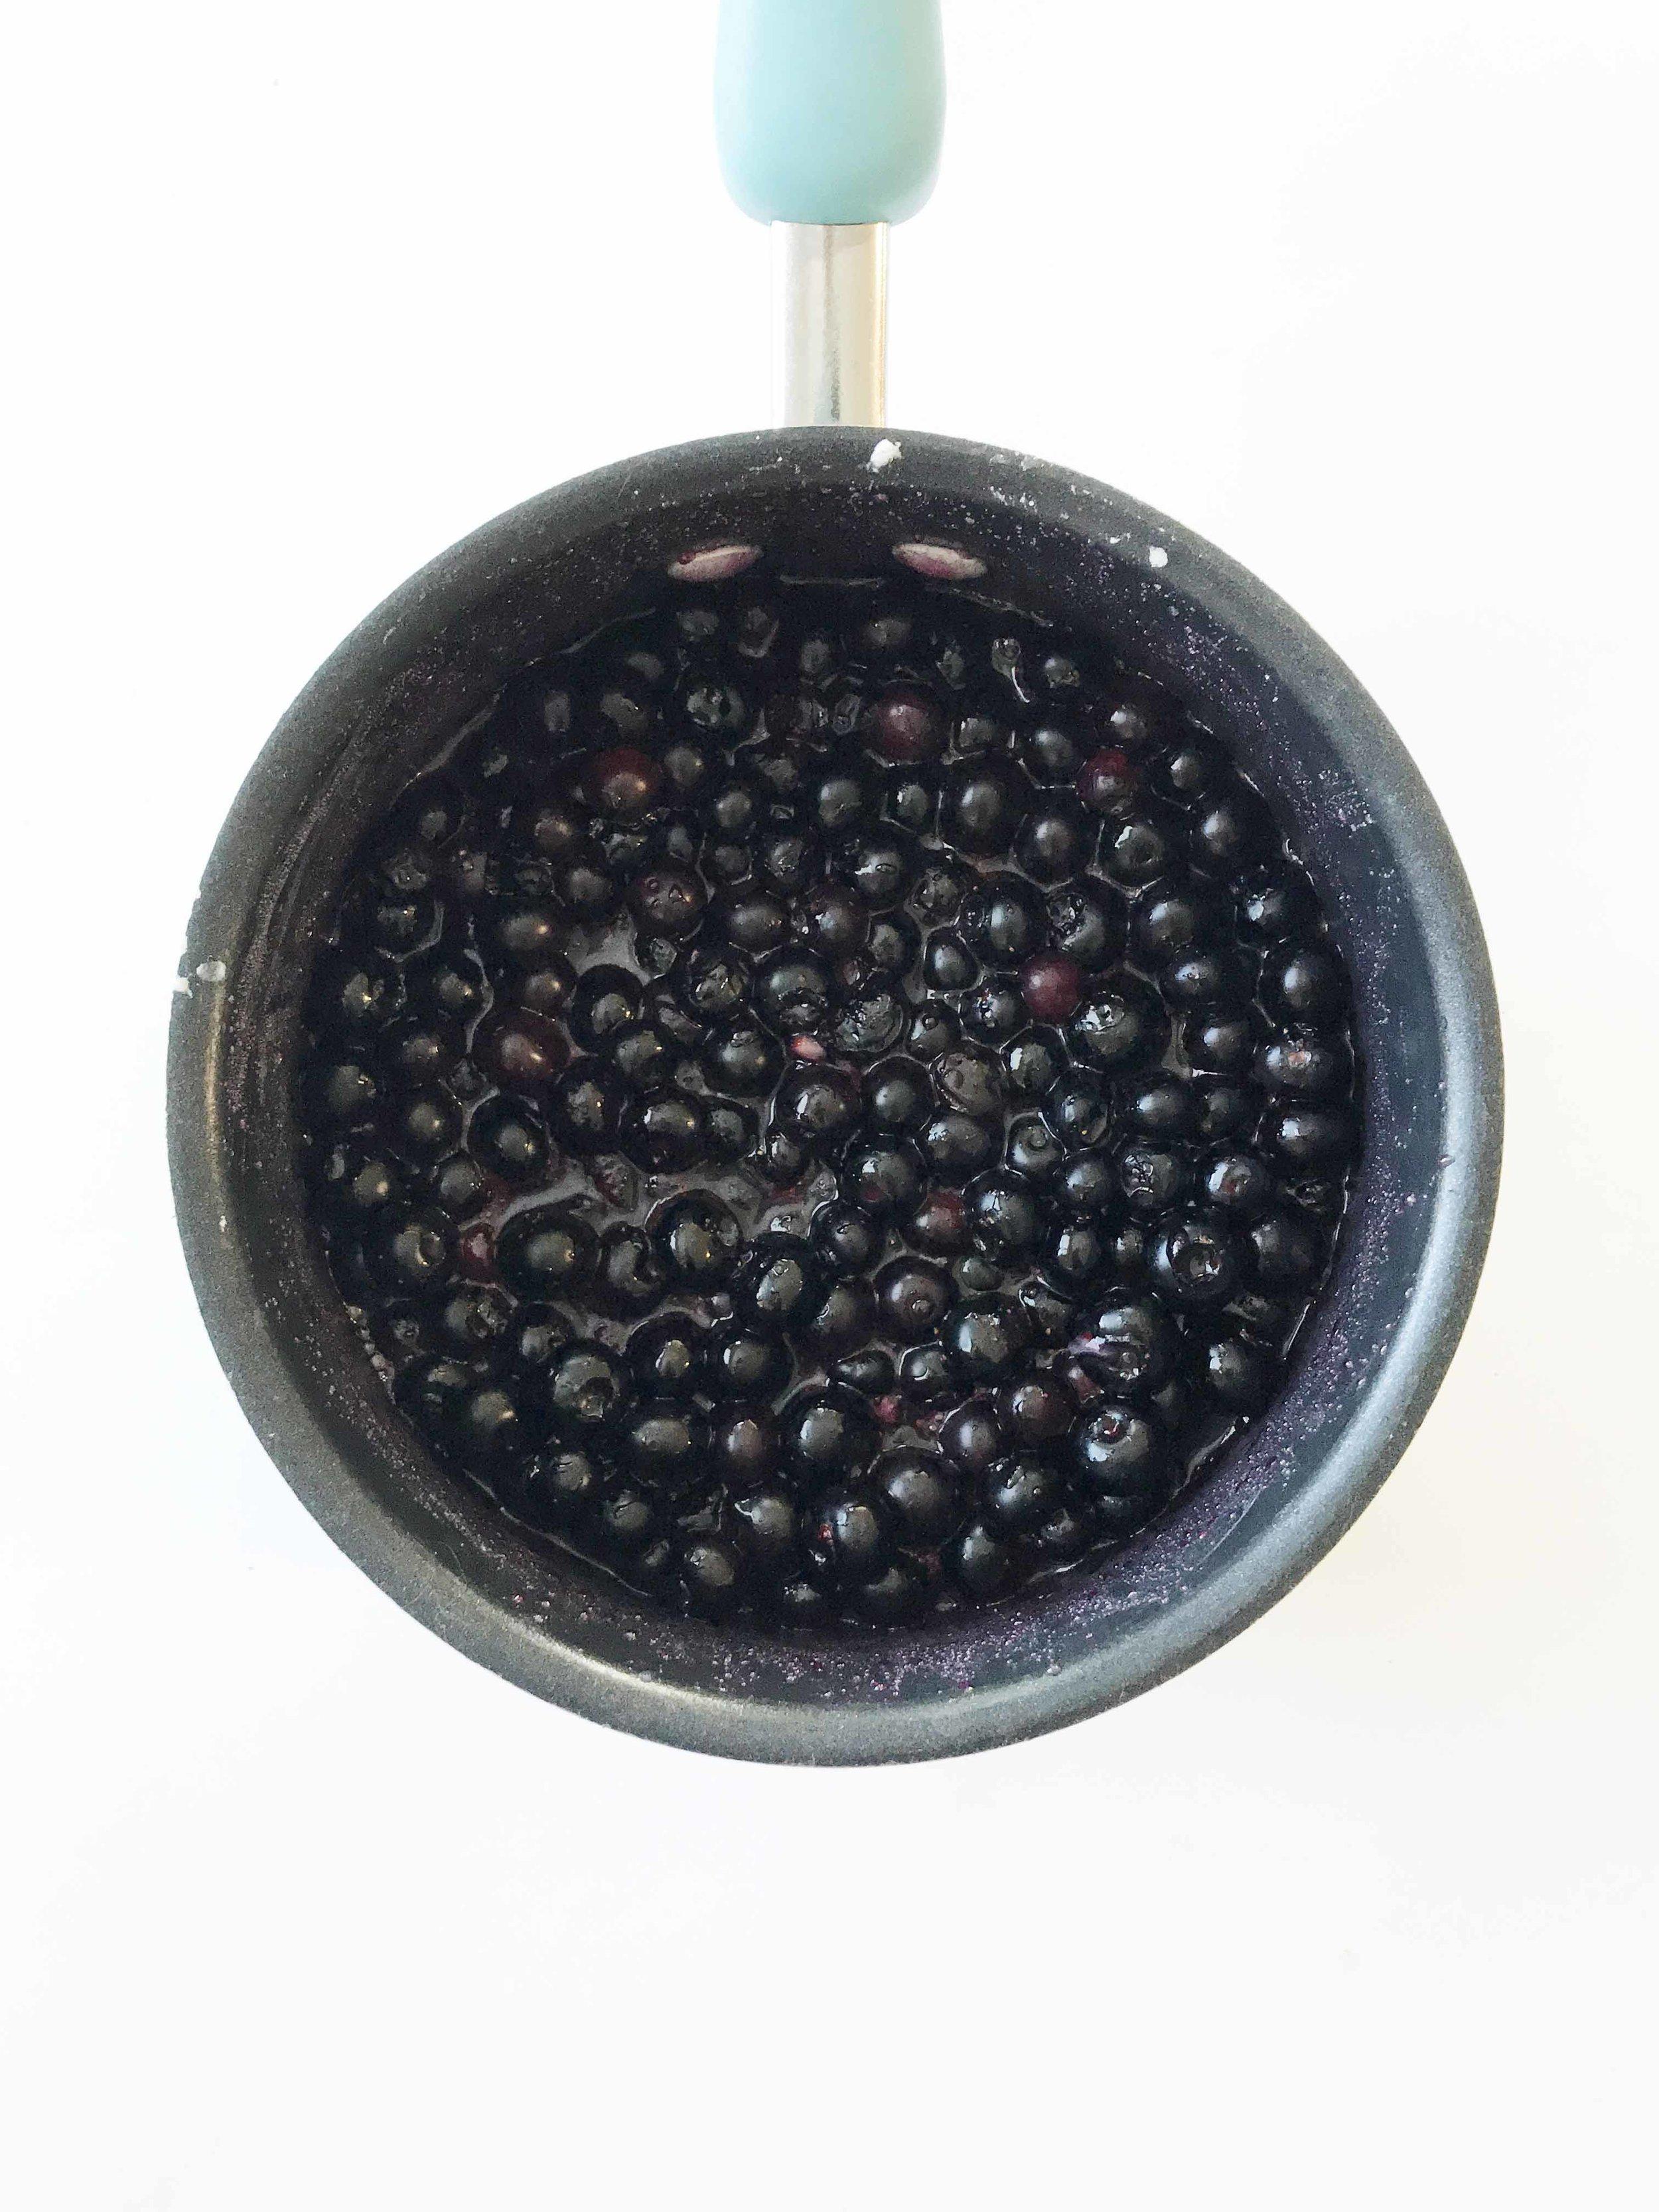 blueberry-cobbler4.jpg